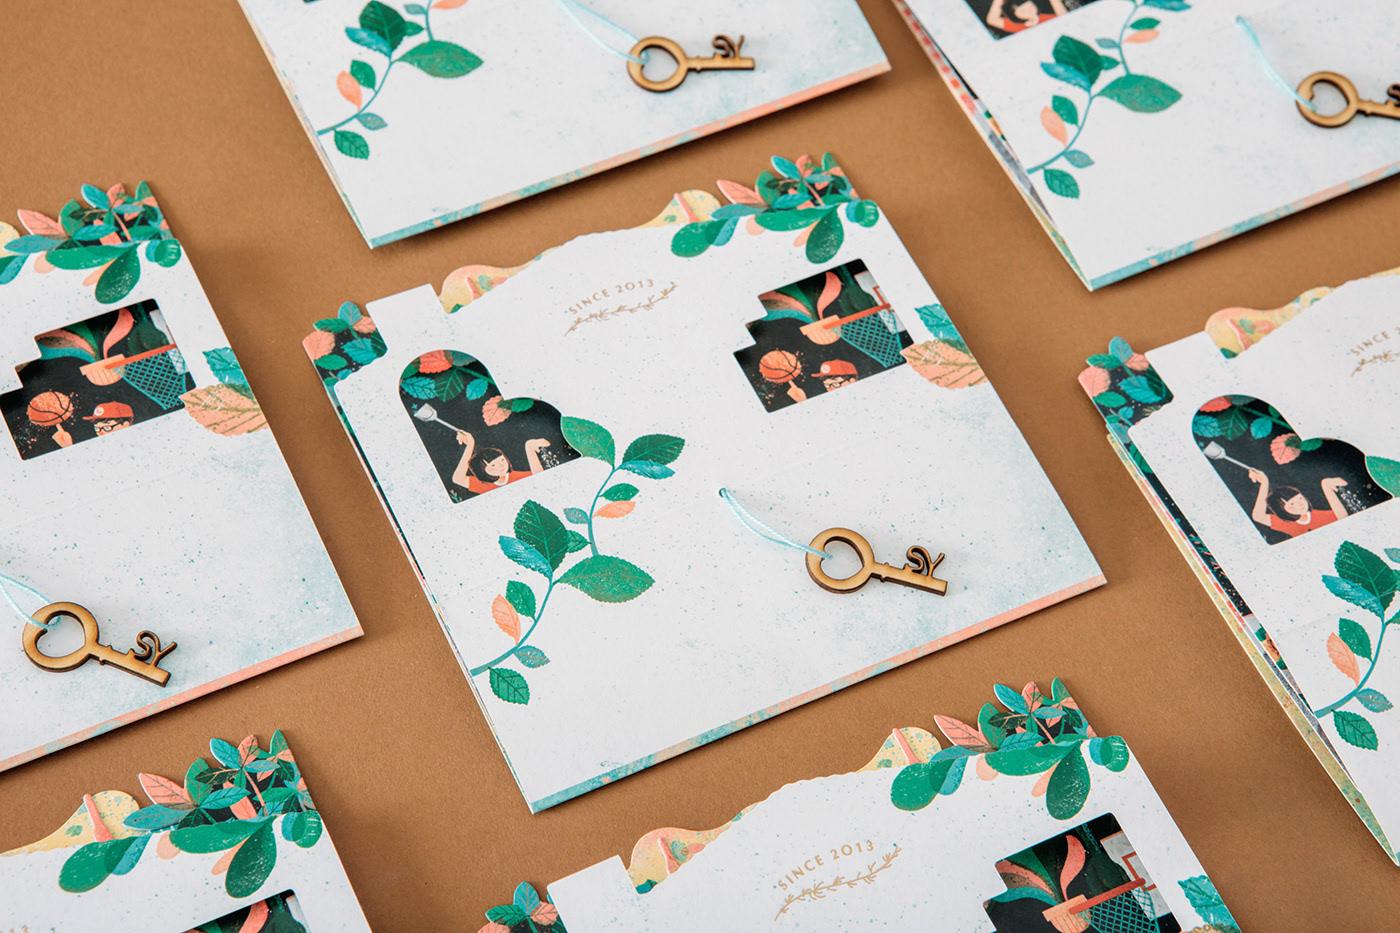 Graphic Design,Illustration,Print Design